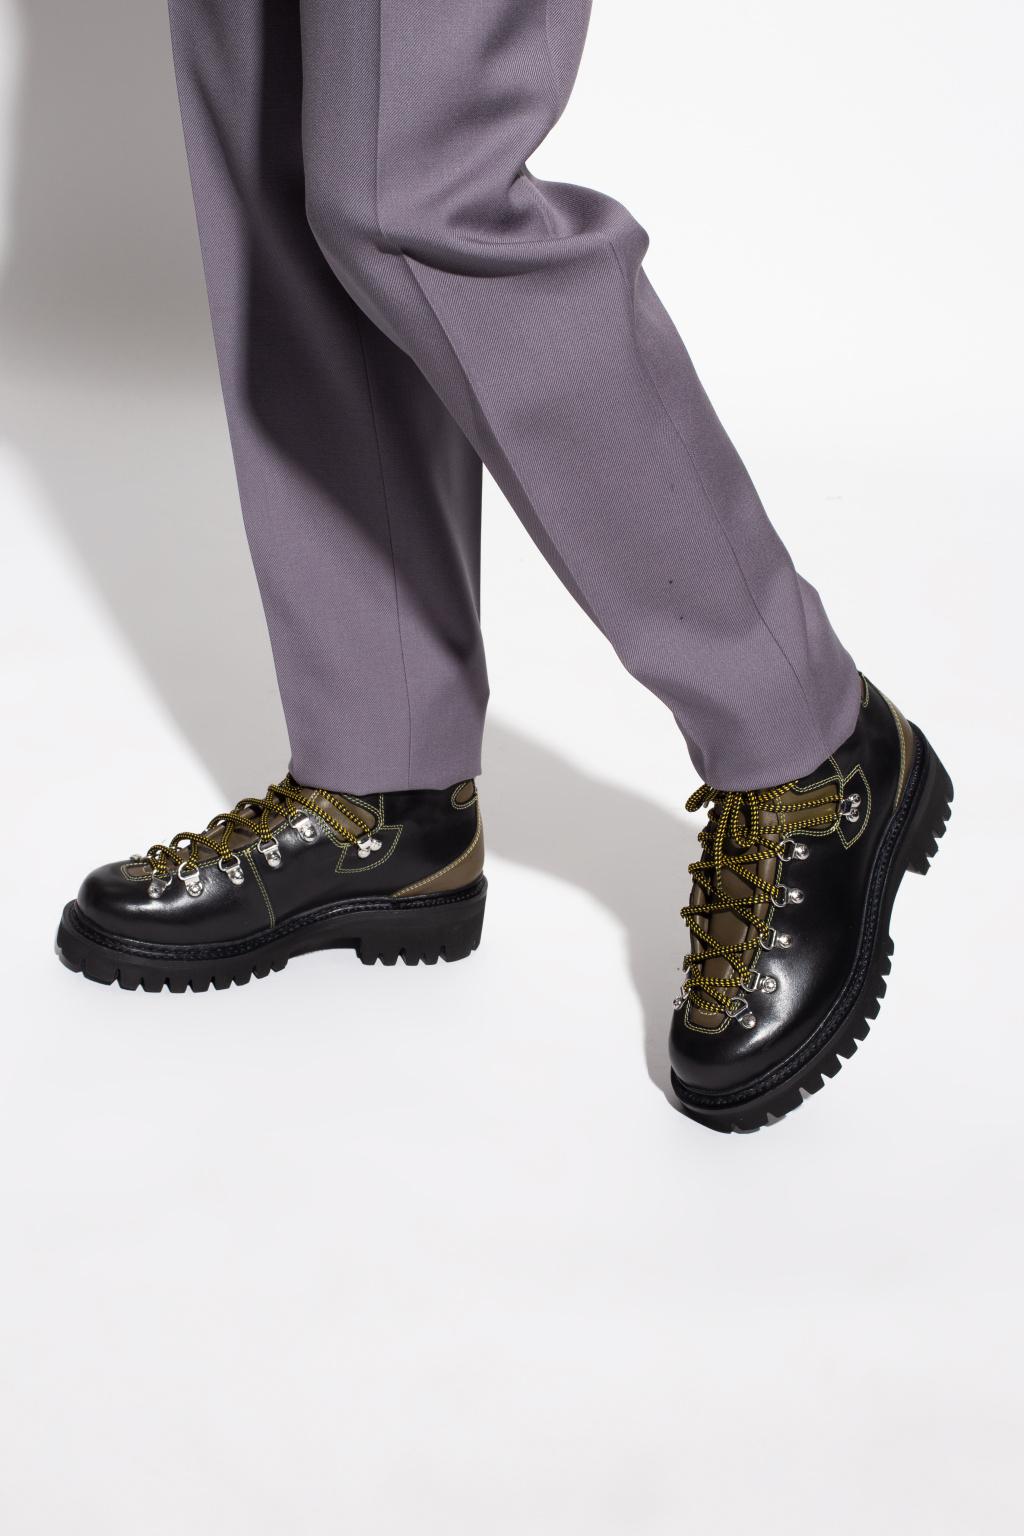 Dsquared2 New Hiking户外鞋